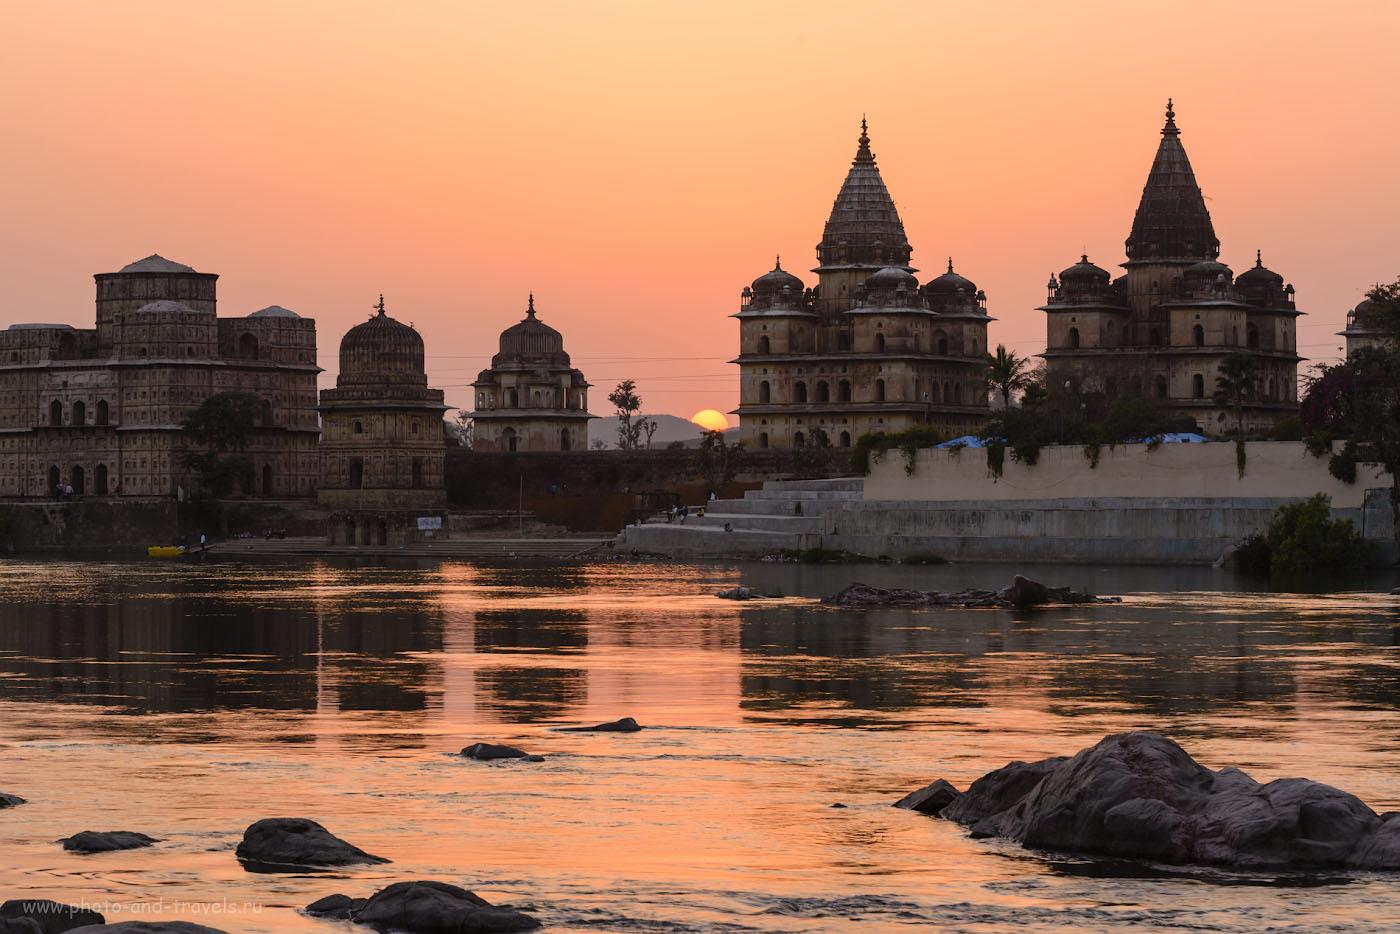 Фото 6. Кенотафы. Вечер в Орчхе. Отзывы туристов о самых красивых местах в Индии. Камера Nikon D610 + Nikon 24-70mm f/2.8 + штатив Sirui T-2204X. Параметры: 1/15, f/18/0, 100, 56.